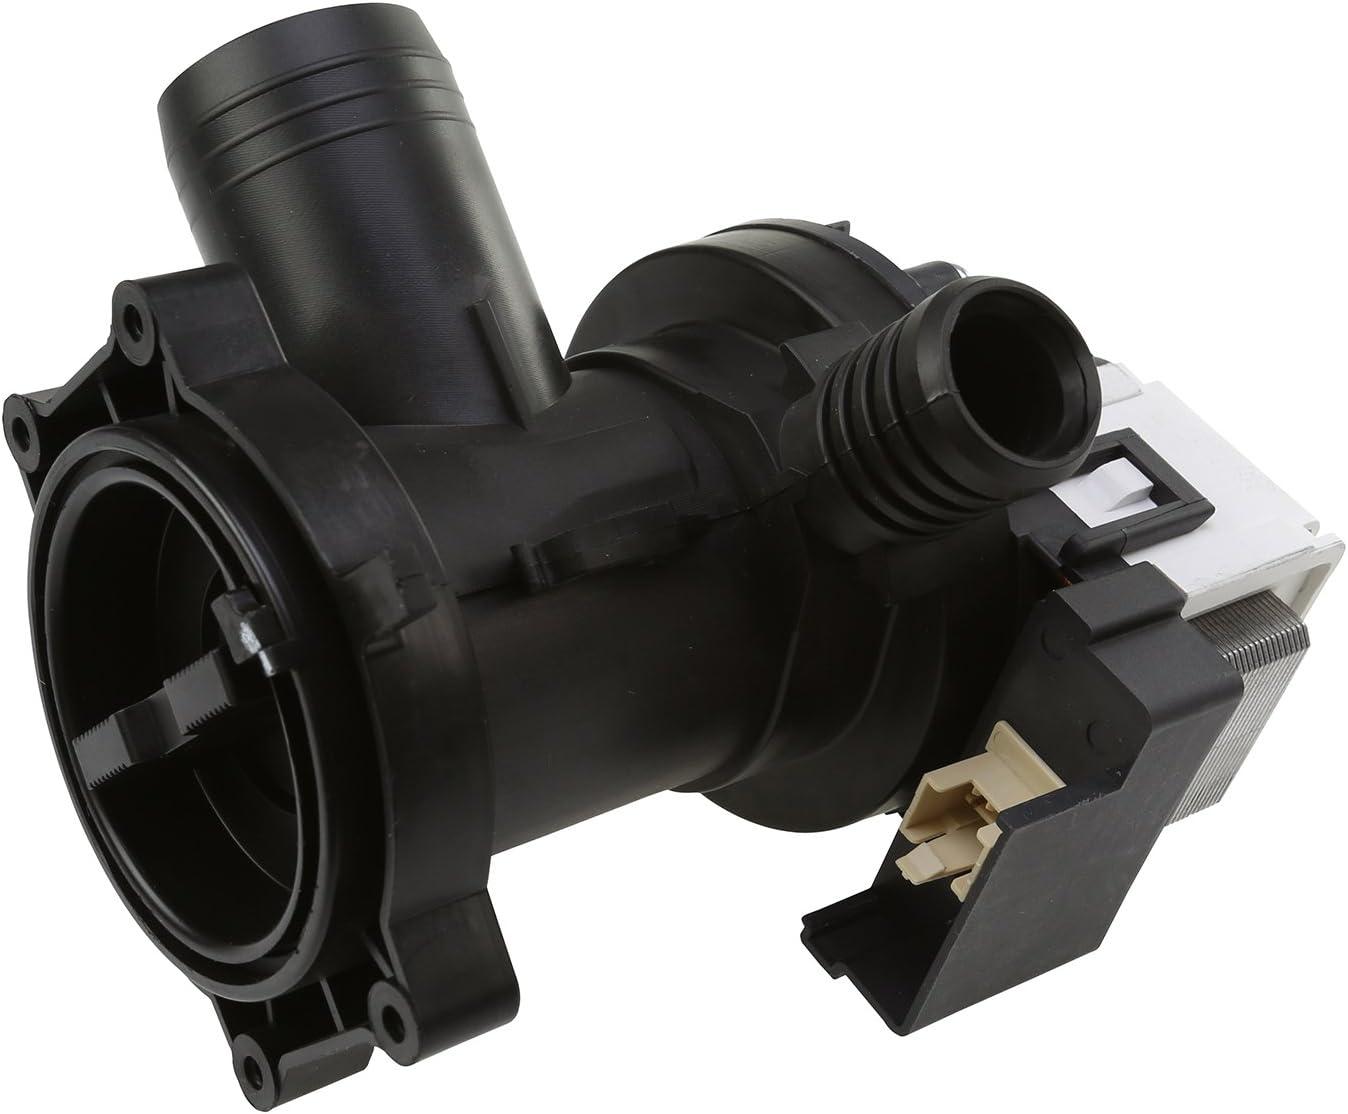 MasterPart M00341 - Bomba de desagüe para lavadoras Whirlpool y Maytag (30 W)